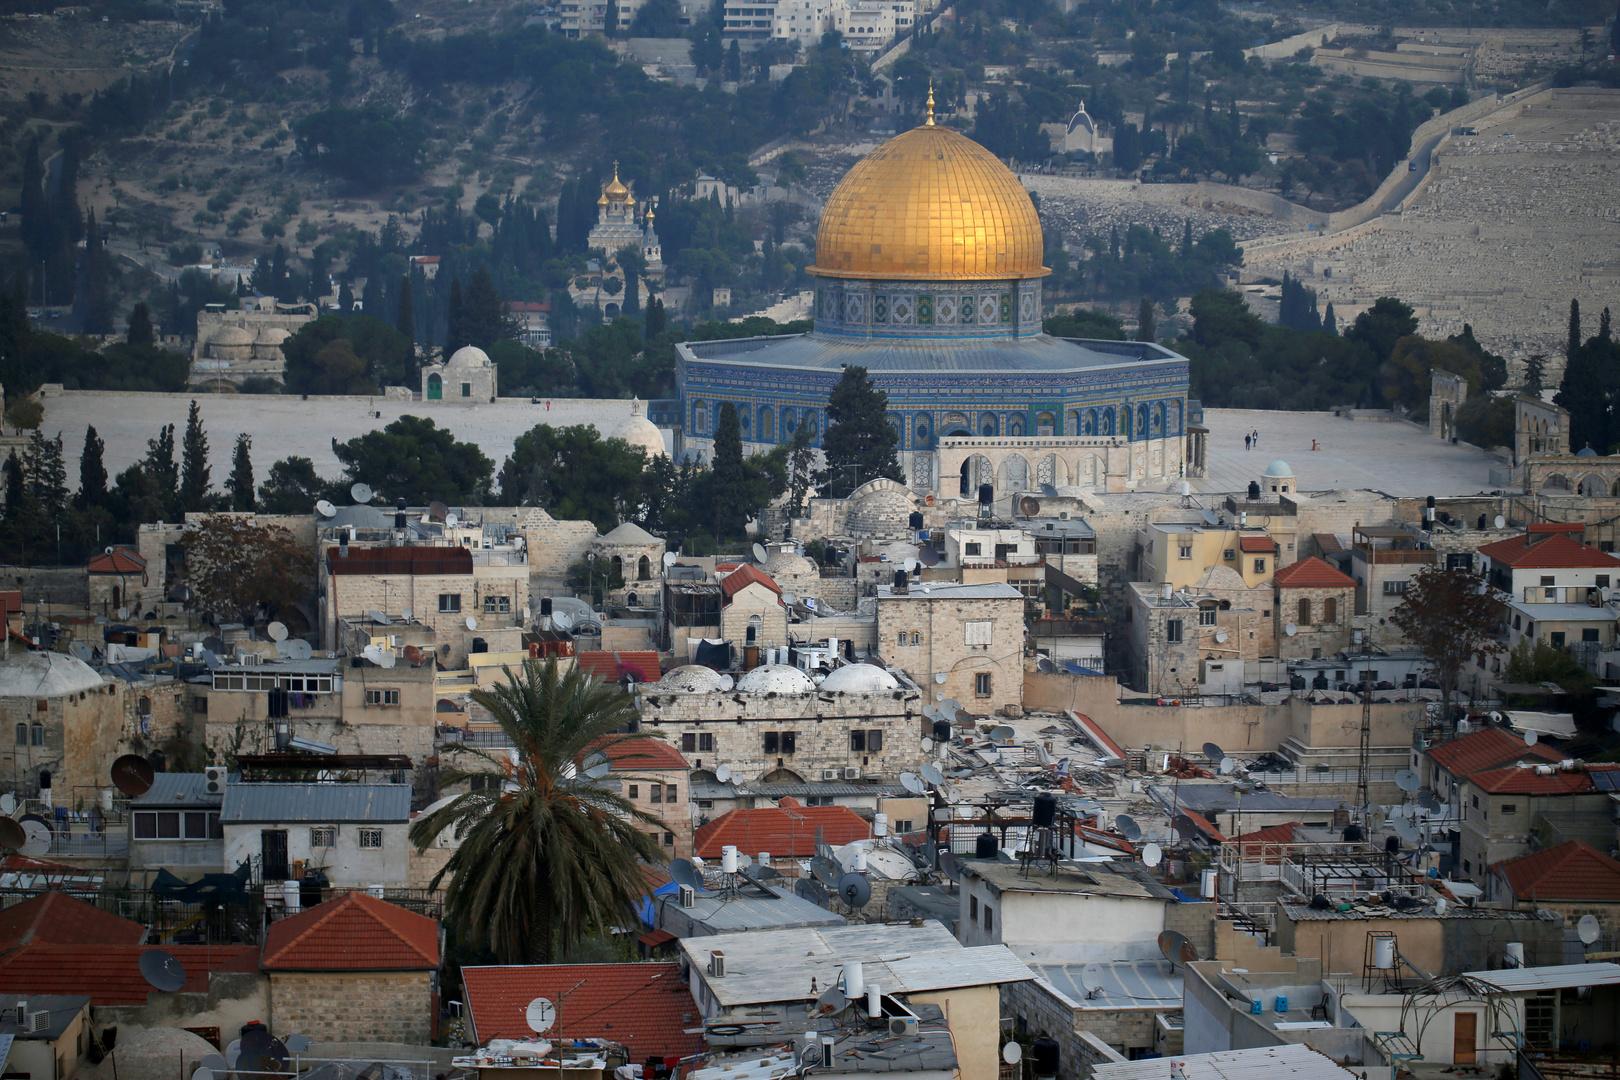 الانتخابات الفلسطينية.. اللجنة المركزية تحدد شروط اقتراع المقدسيين